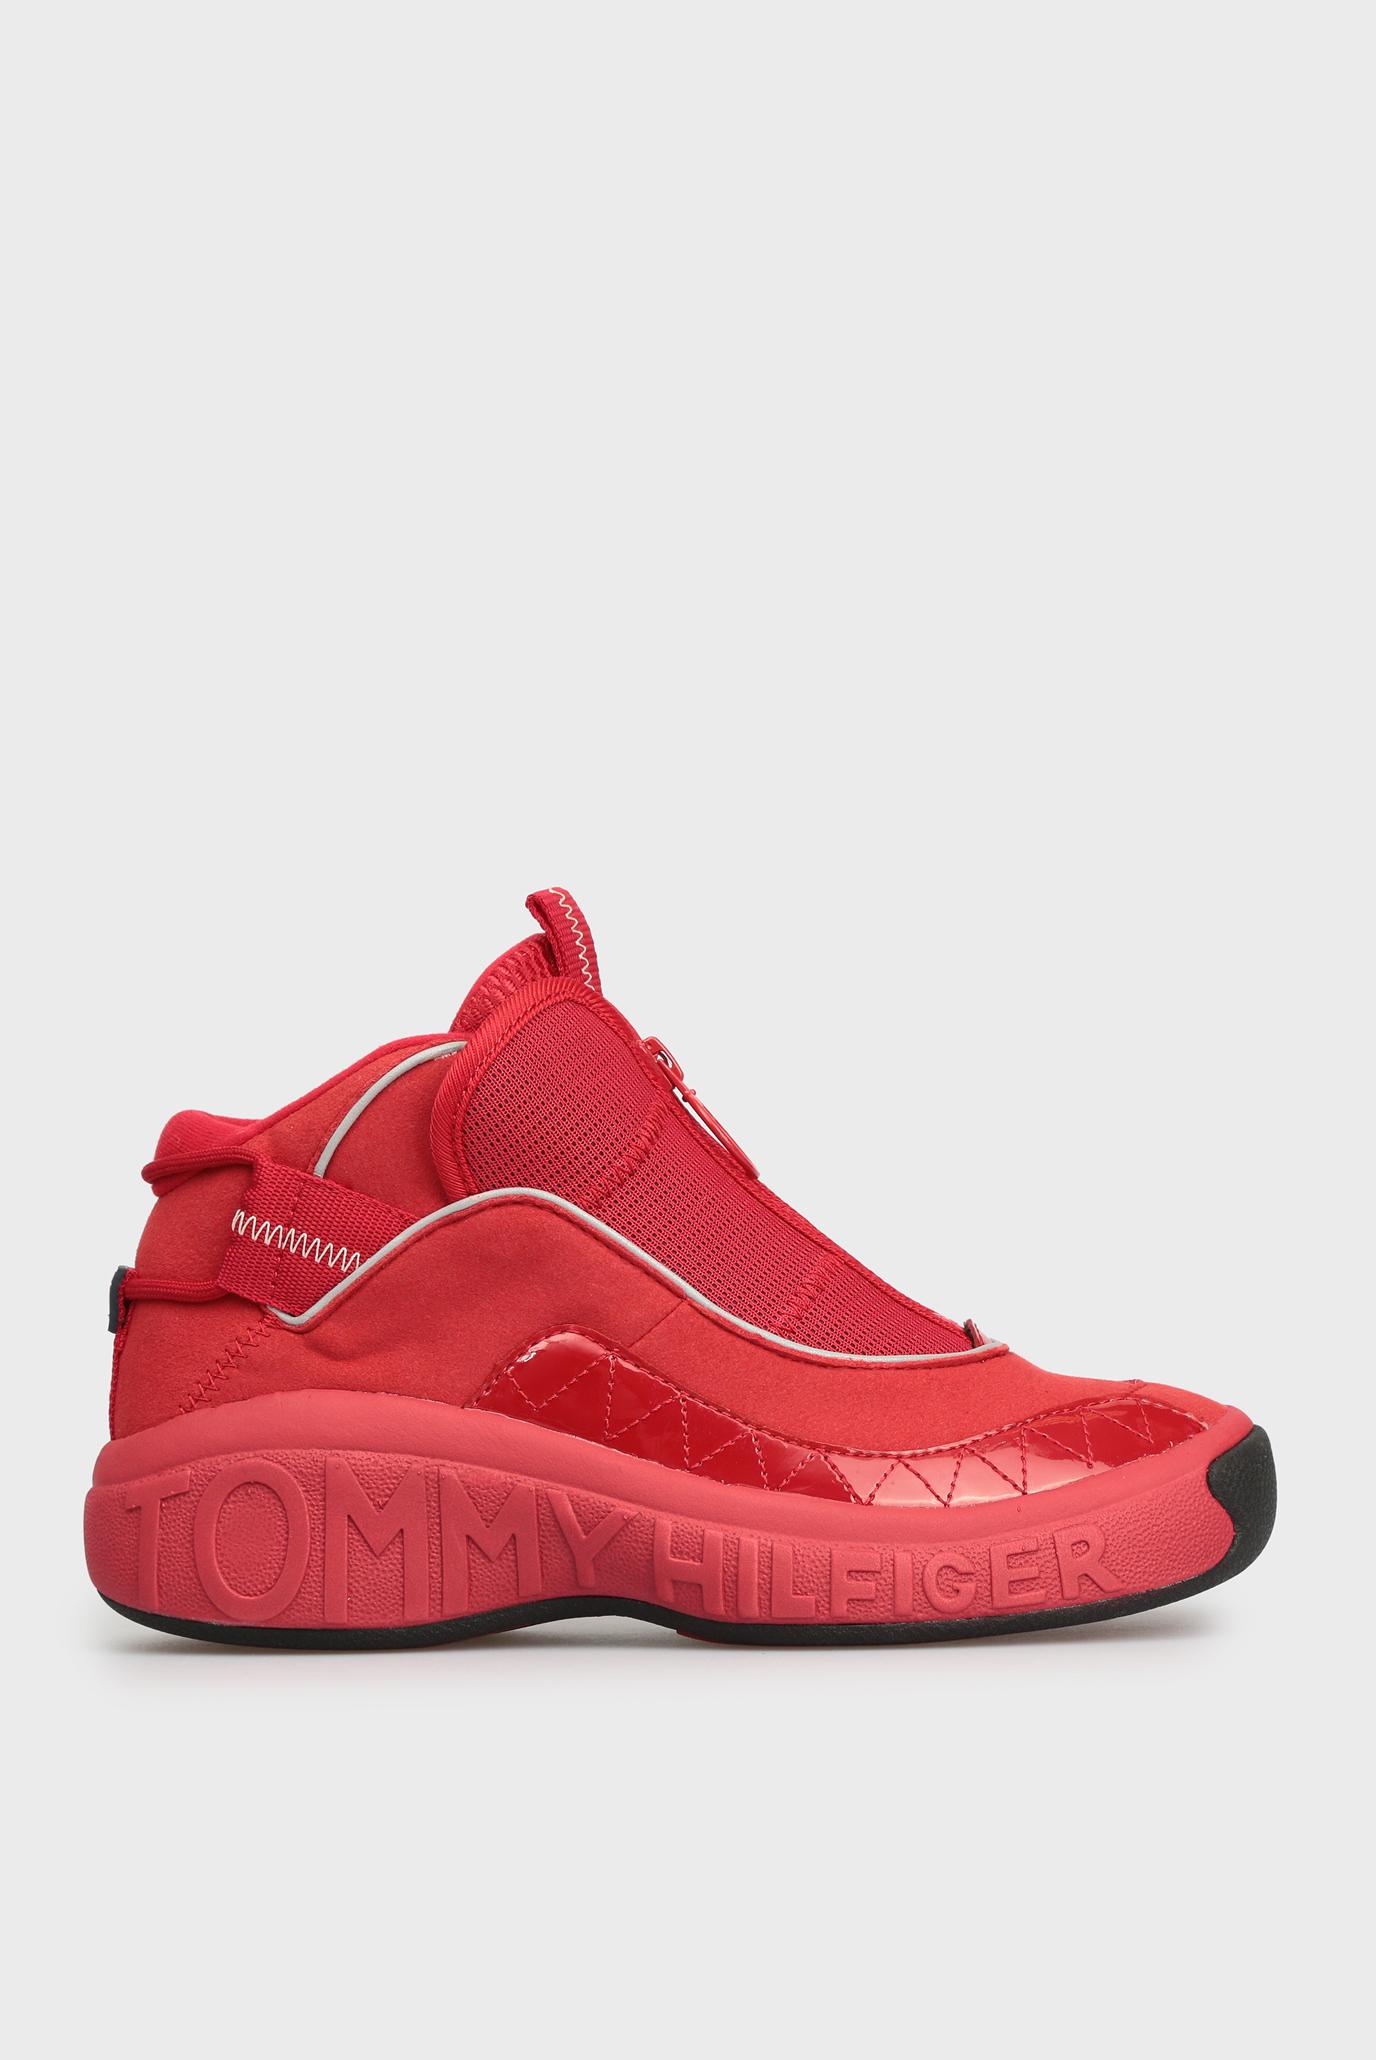 Купить Женские красные кроссовки Tommy Hilfiger Tommy Hilfiger EN0EN00375 –  Киев, Украина. Цены в интернет магазине MD Fashion 96e5d5c645d